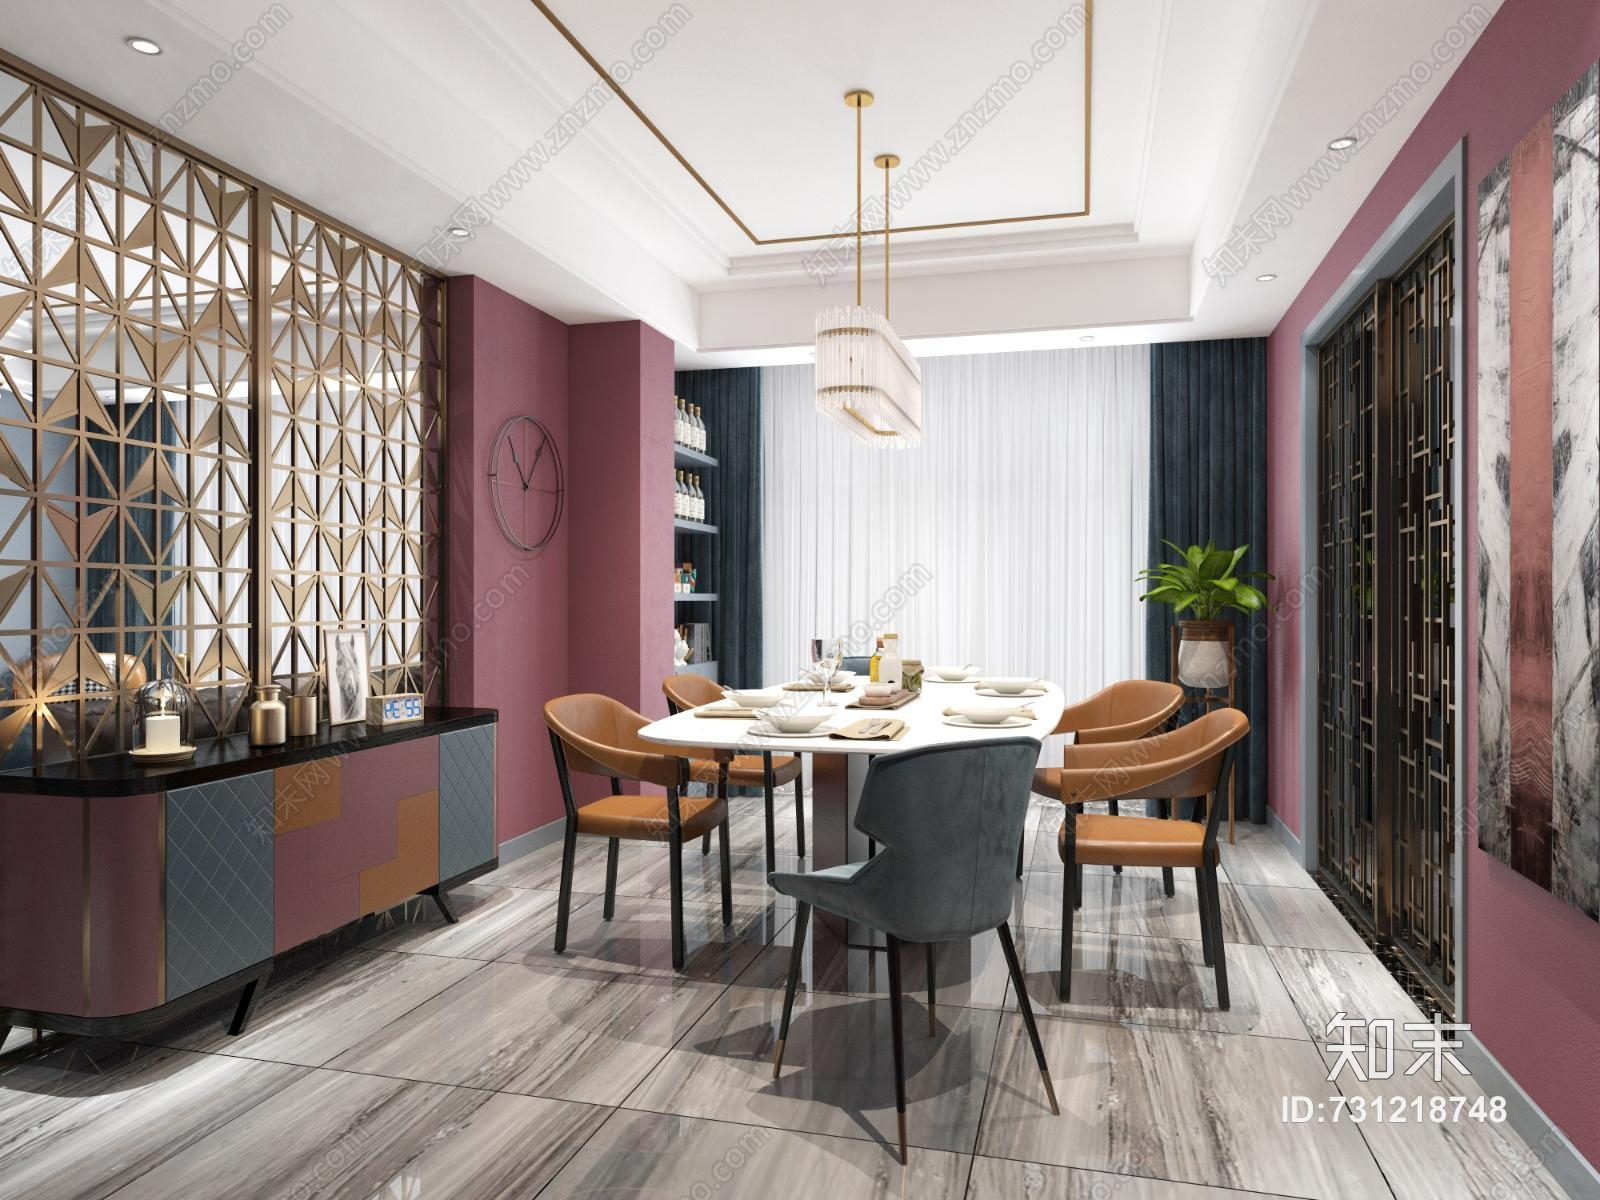 现代轻奢客餐厅 沙发茶几 坐凳 绿植 金属屏风 餐桌椅 装饰柜 吊灯